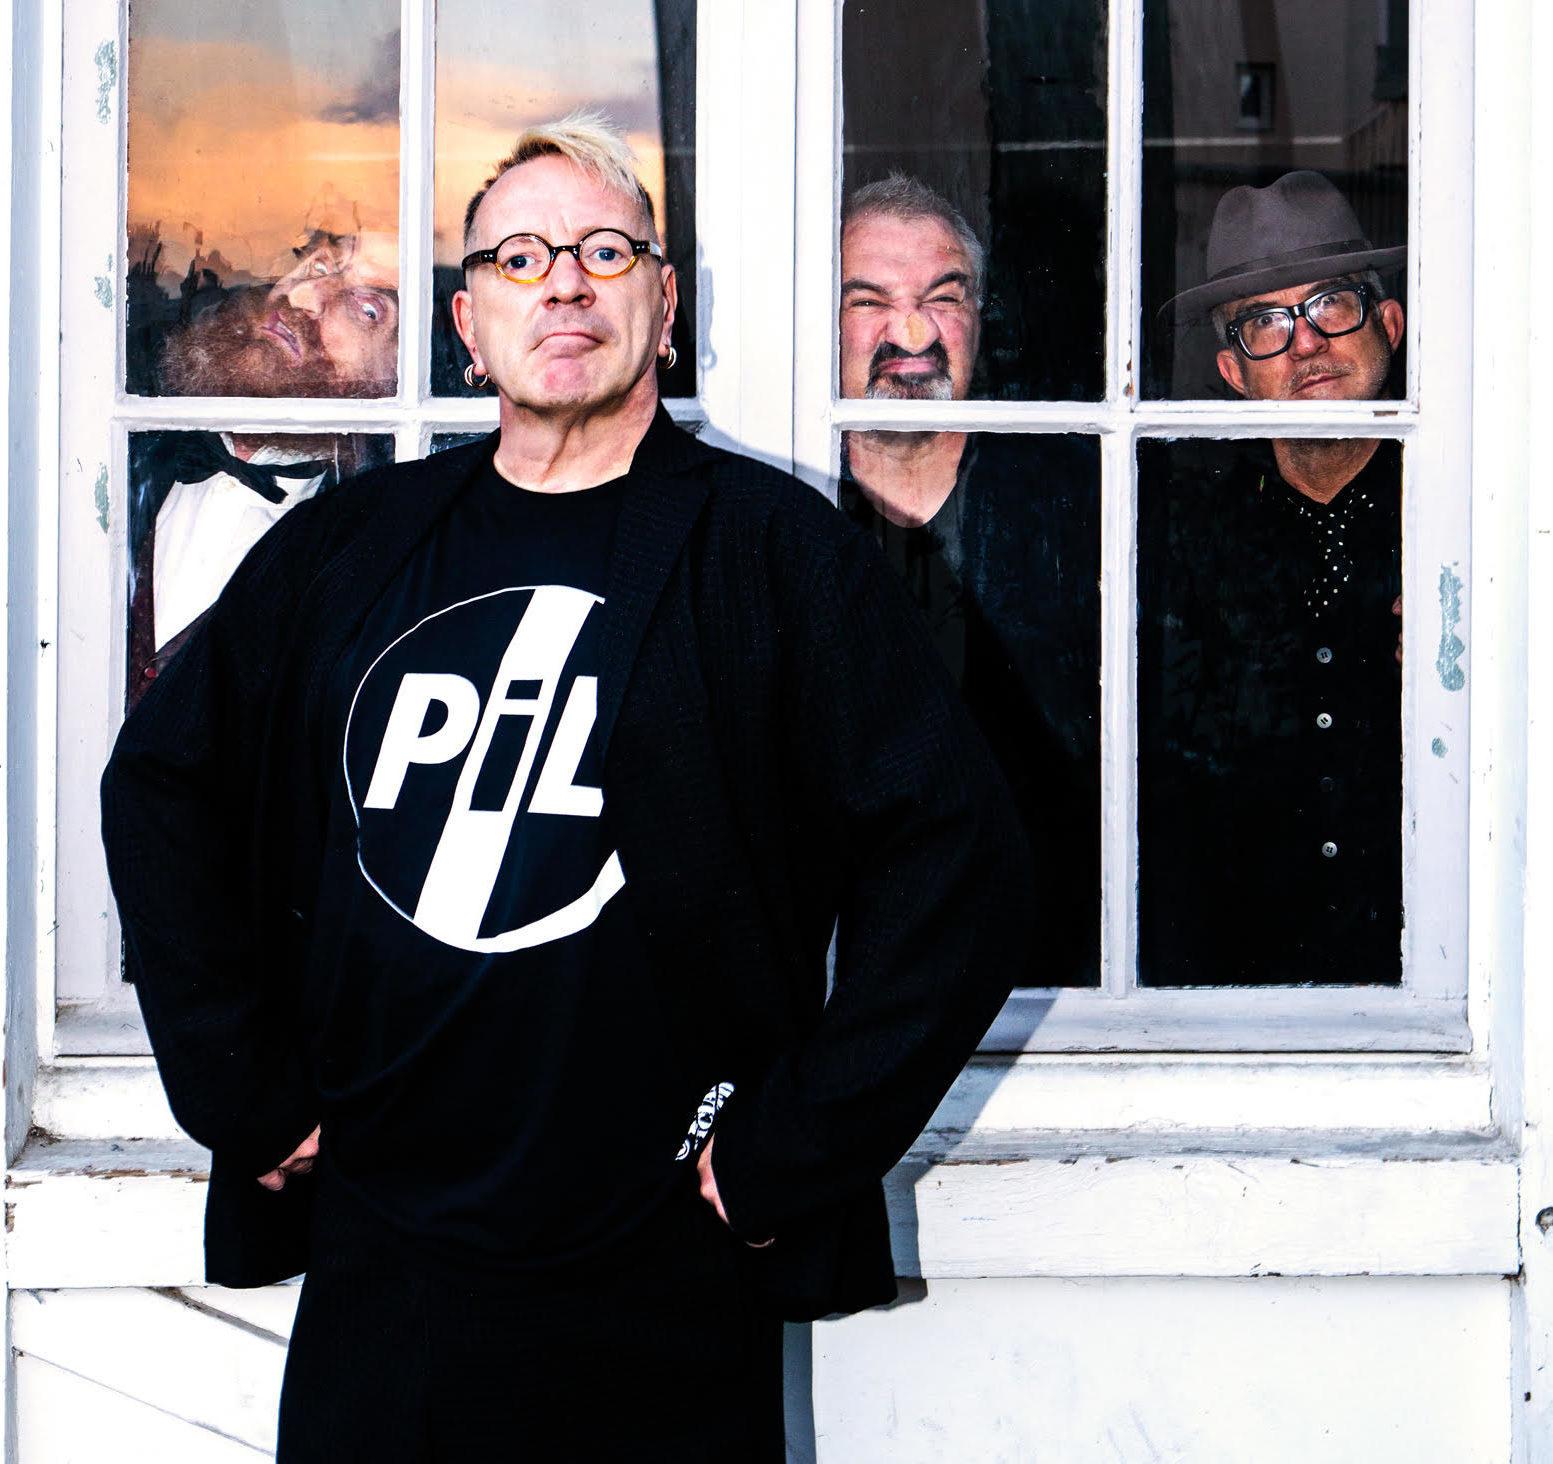 Former Sex Pistol John Lydon.